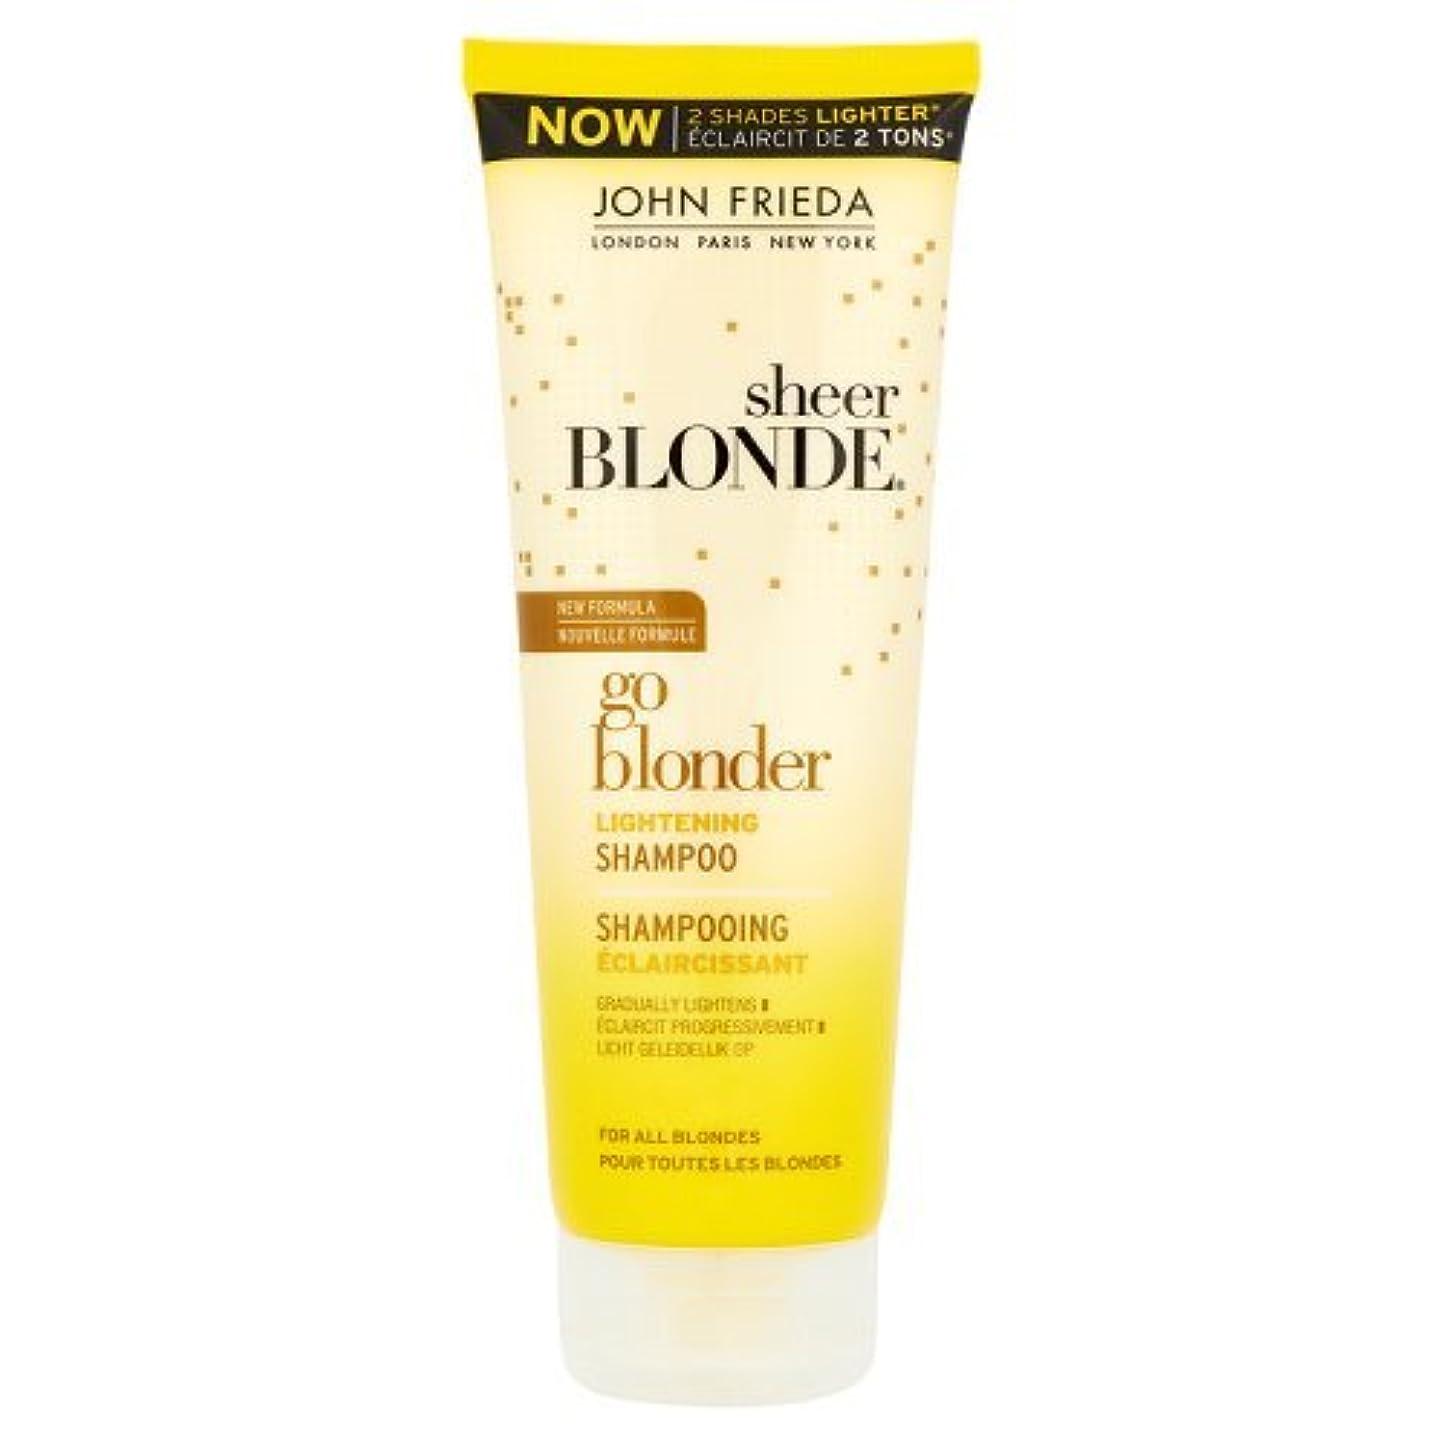 羨望知っているに立ち寄るセットするJohn Frieda Sheer Blonde Go Blonder Lightening Shampoo 250ml